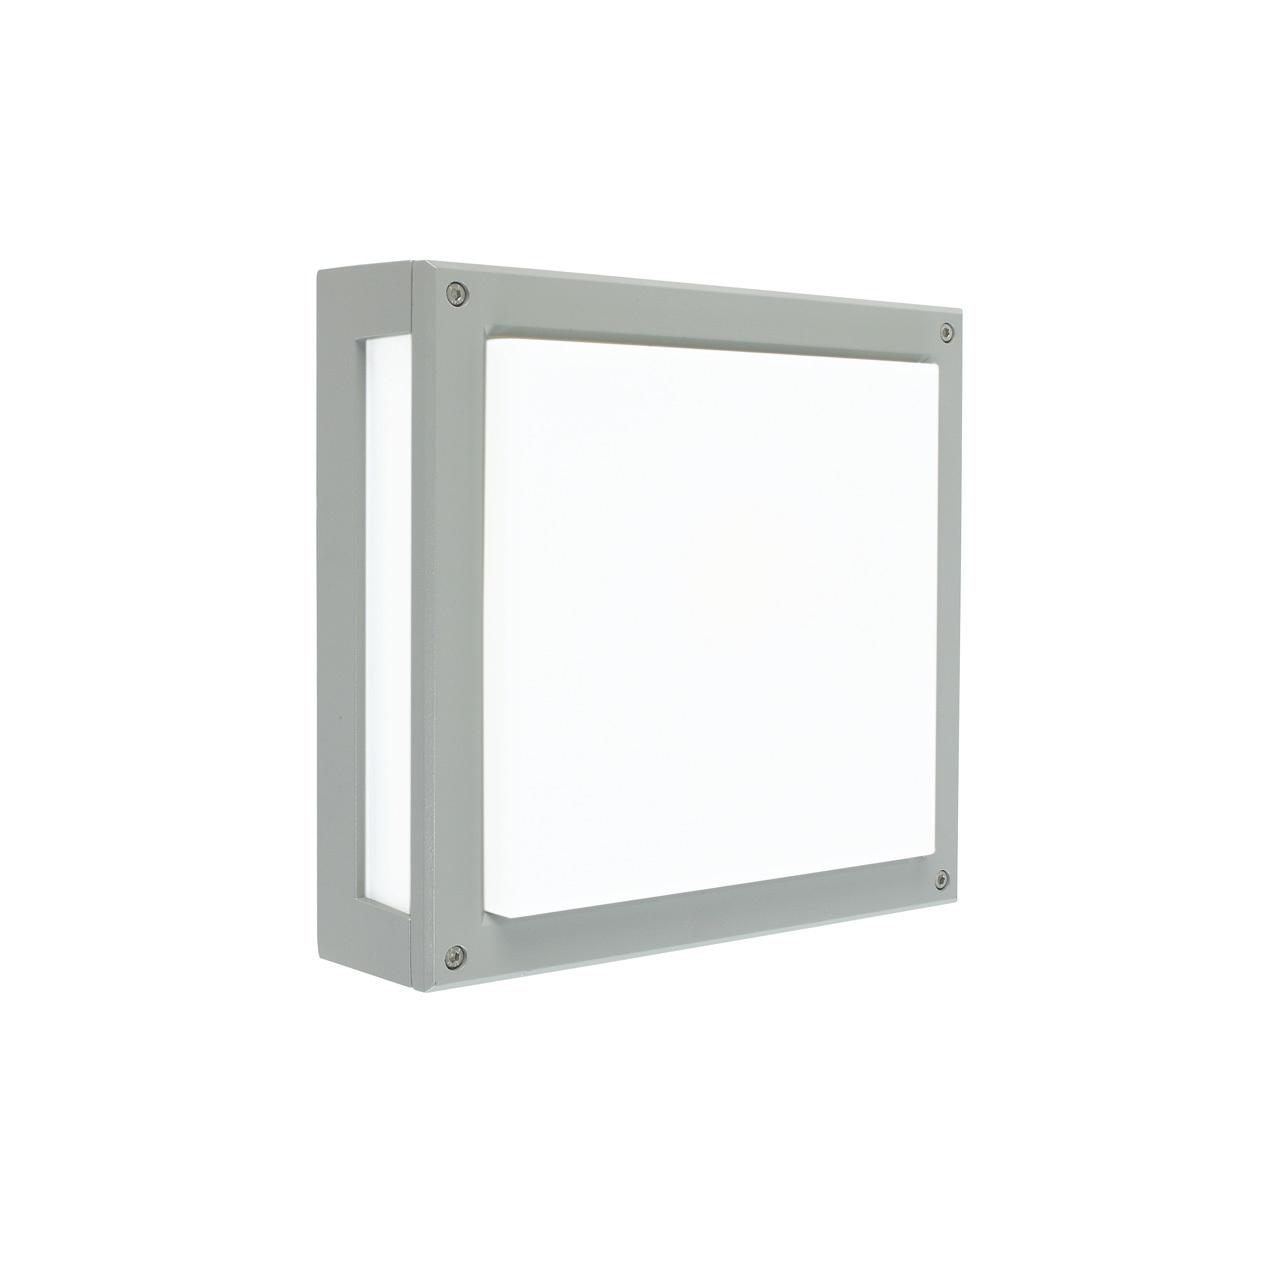 Lampa ścienna NORDLAND 7120AL -Norlys  SPRAWDŹ RABATY  5-10-15-20 % w koszyku